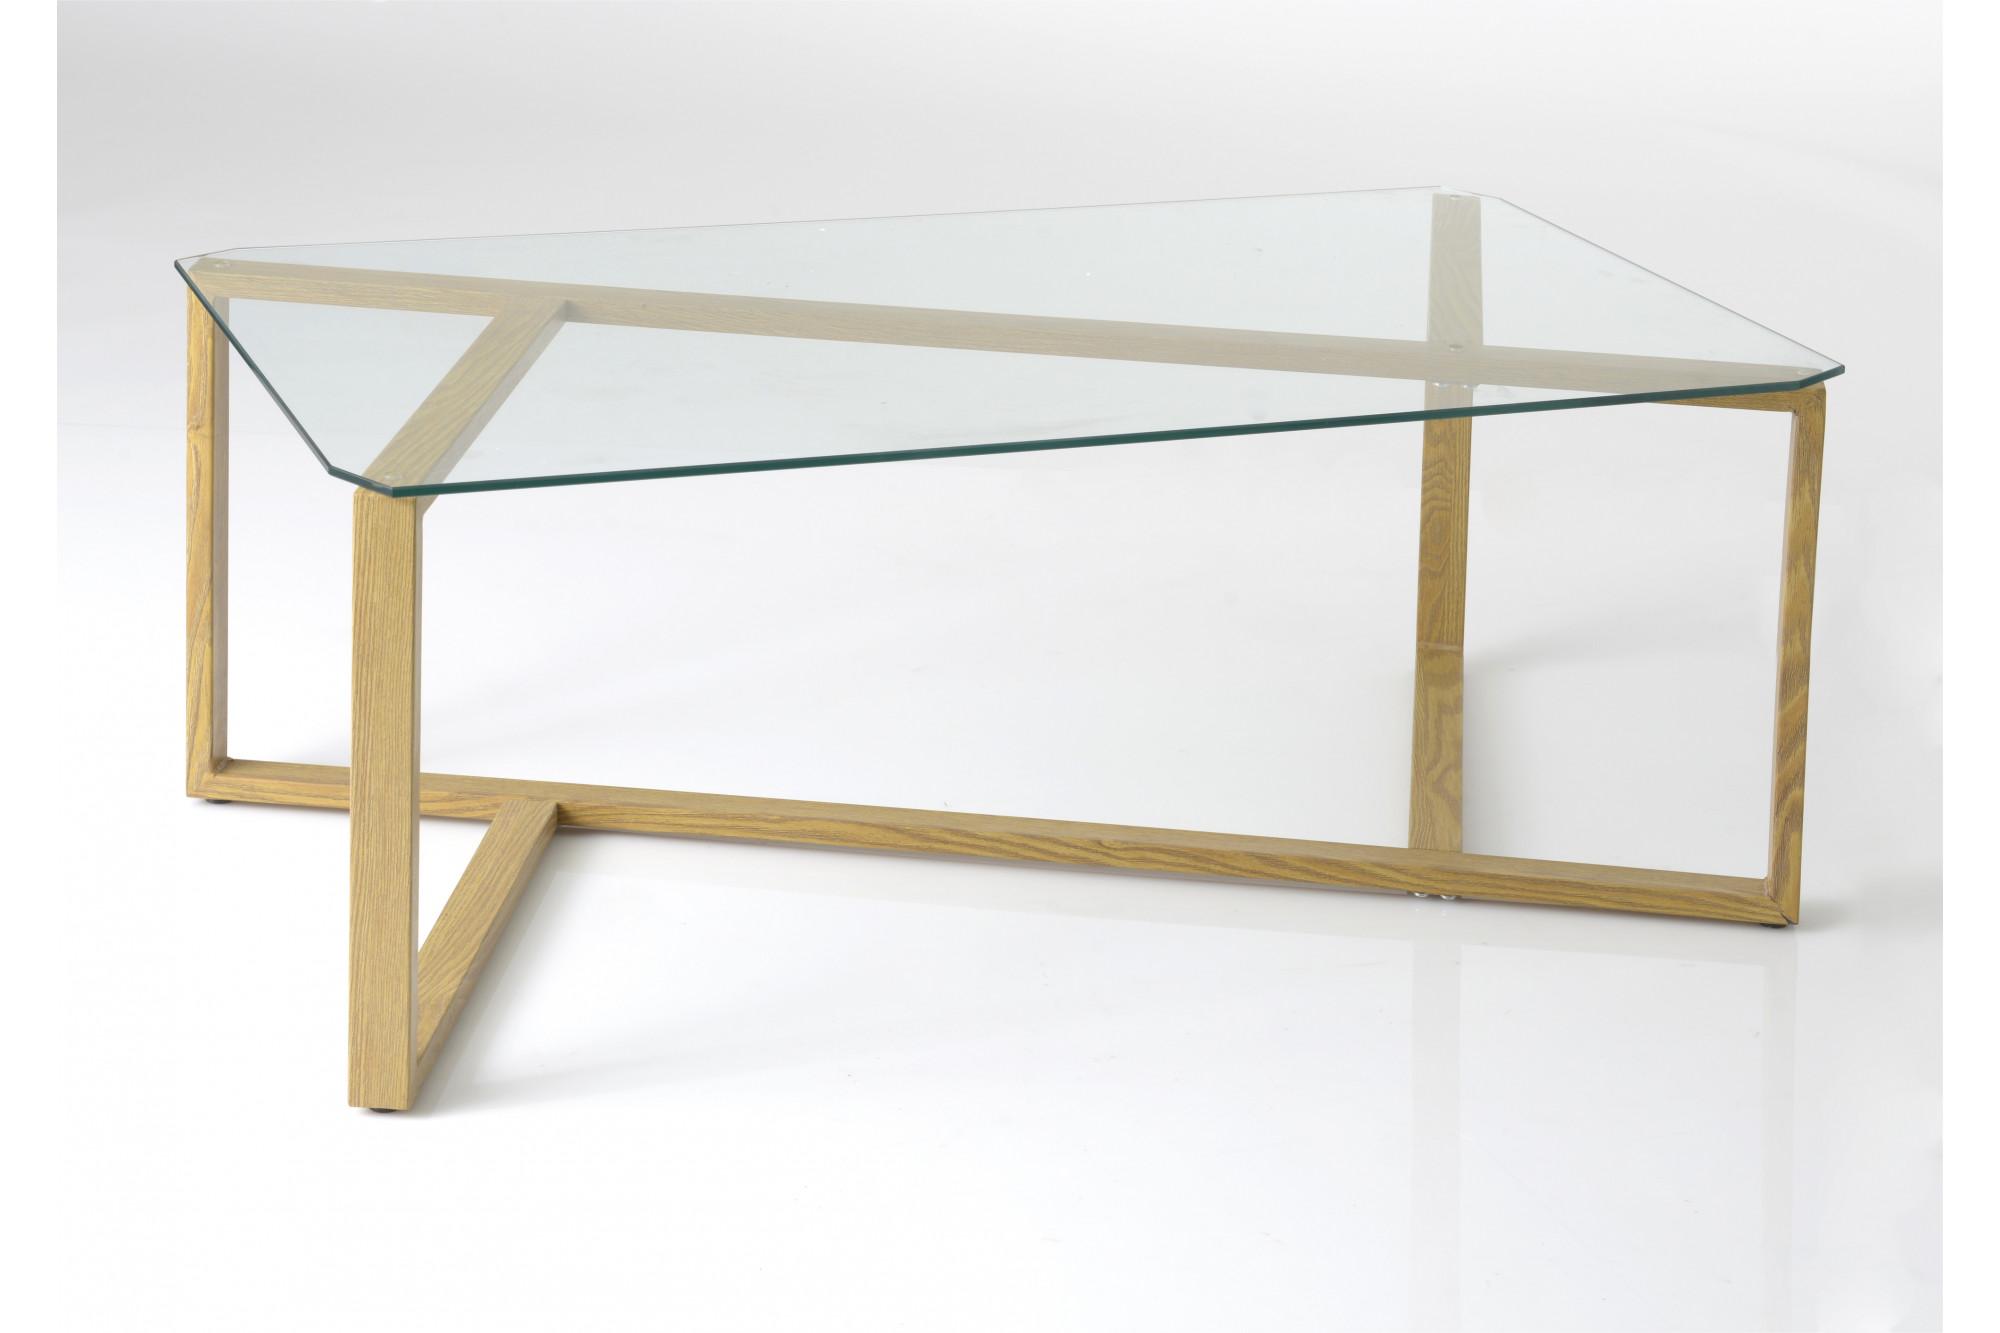 table basse imitation bois et verre hellin. Black Bedroom Furniture Sets. Home Design Ideas